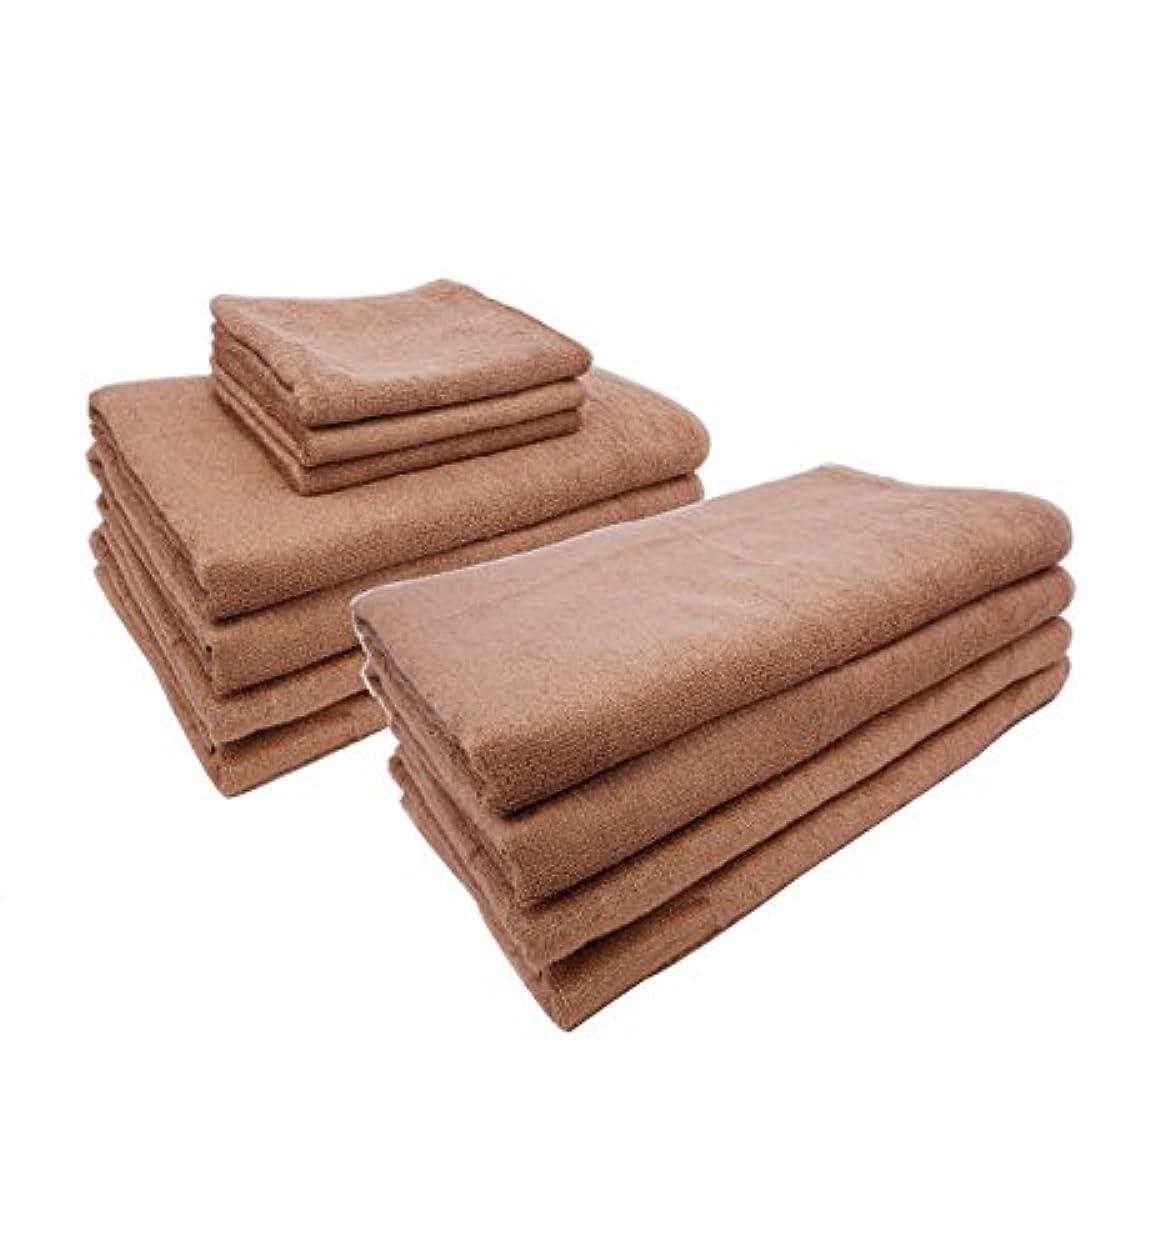 ターゲット細部適応まとめ売り やわらか バンブー 竹繊維 タオルシーツ (ソフトベージュ 10枚) 110×210cm 竹タオル 業務用タオル